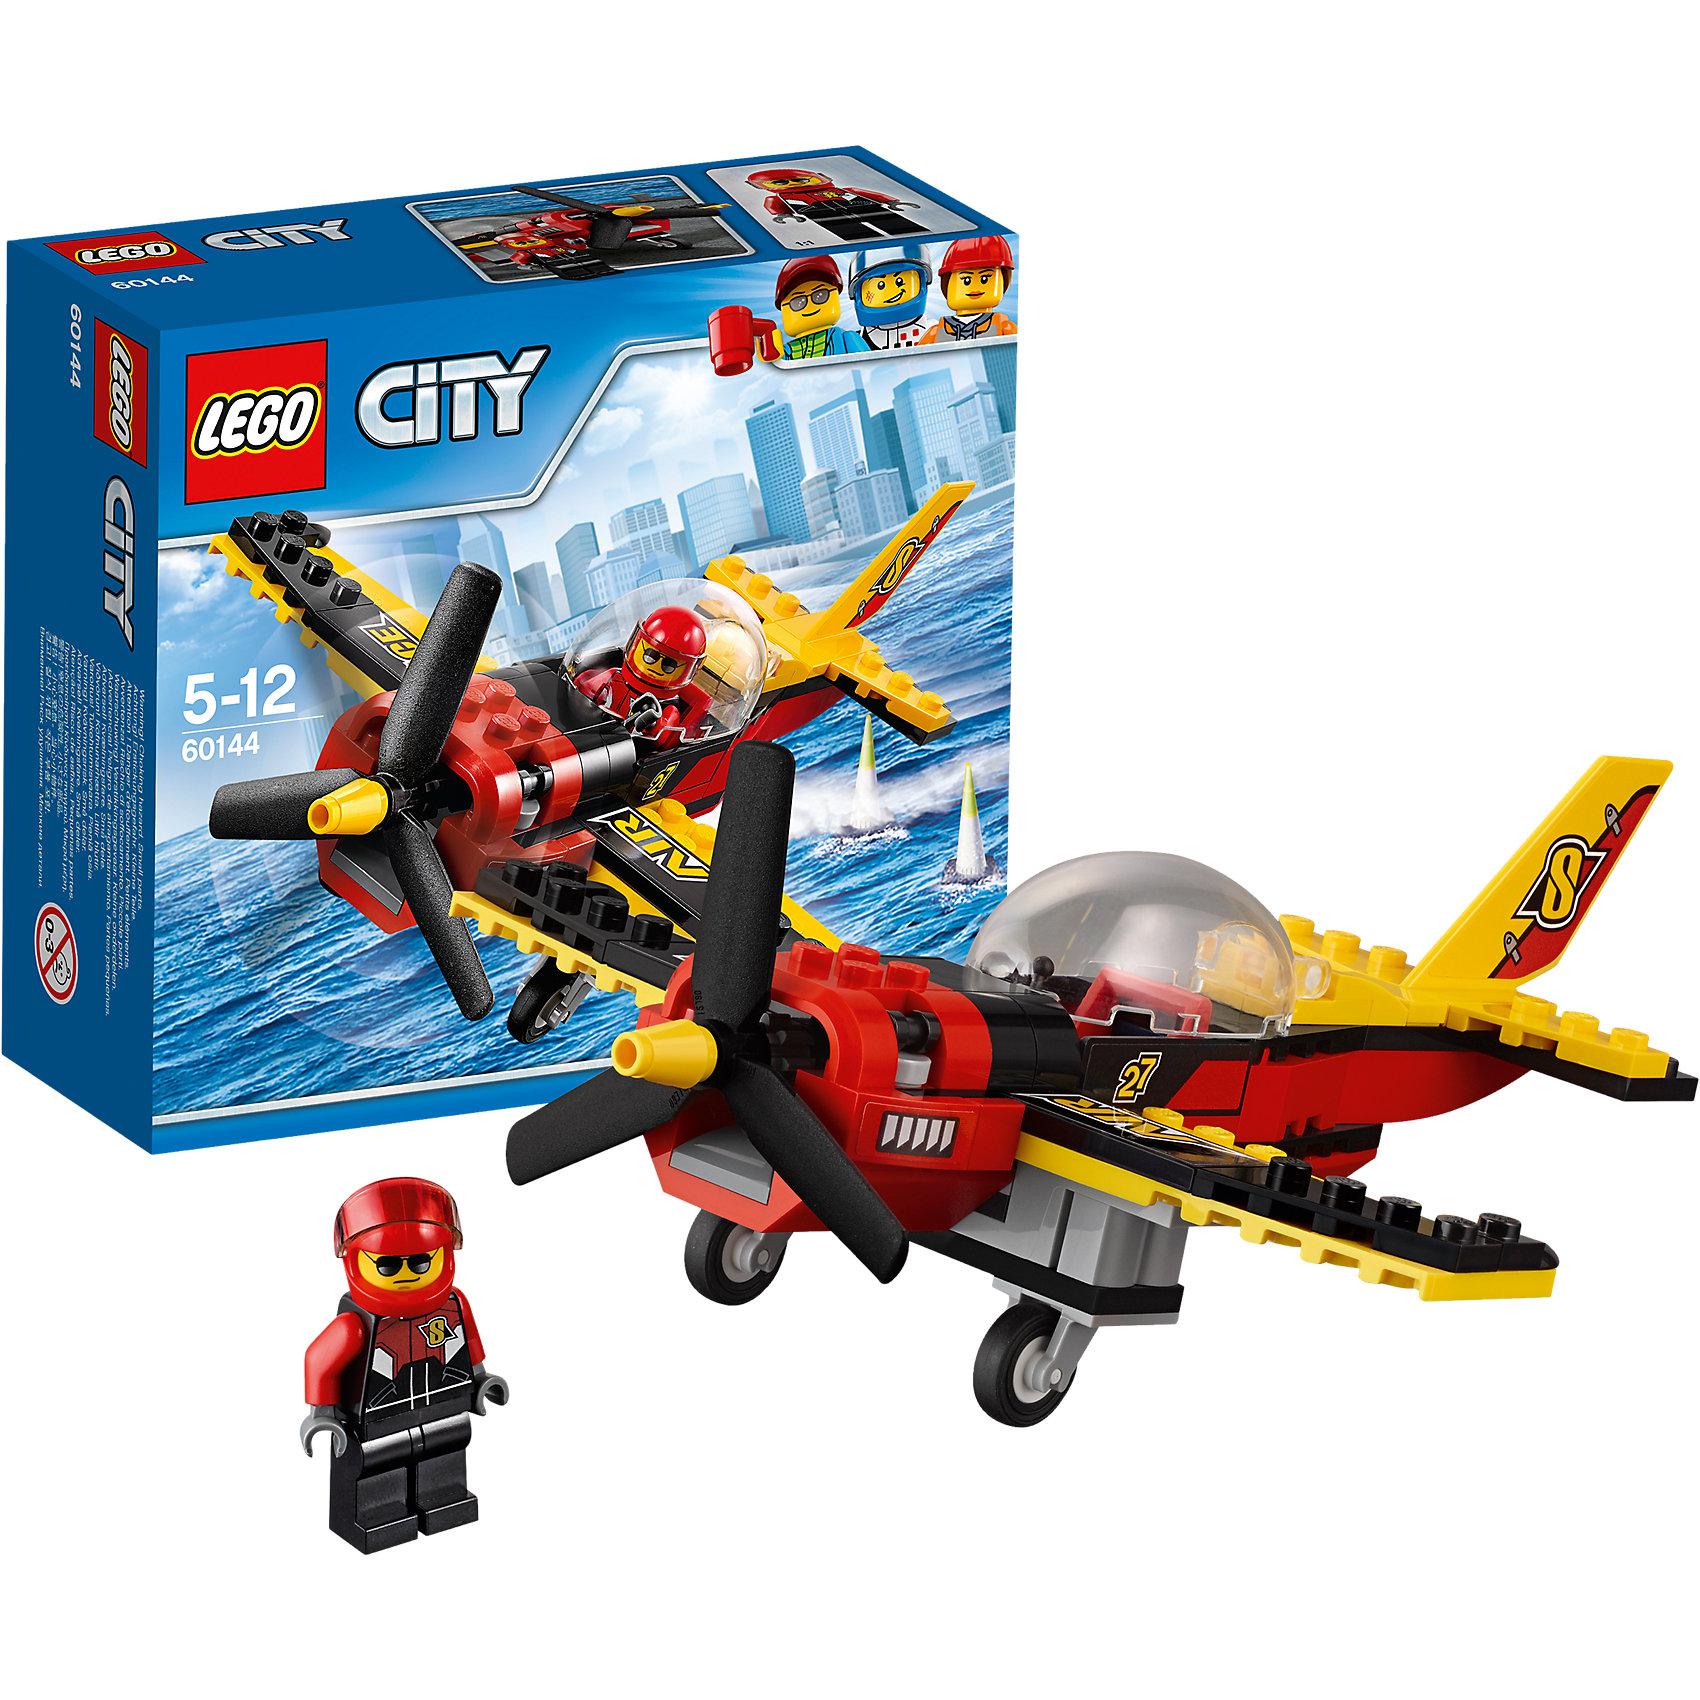 LEGO City 60144: Гоночный самолётLEGO City 60144: Гоночный самолёт<br><br>Характеристики:<br><br>- в набор входит: детали самолета, наклейки для деталей, минифигурка, инструкция<br>- состав: пластик<br>- количество деталей: 89<br>- приблизительное время сборки: 20 минут<br>- размер коробки: 5 * 16 * 13 см.<br>- размер самолета: 15 * 8 * 18 см.<br>- для детей в возрасте: от 5 до 12 лет<br>- Страна производитель: Дания/Китай/Чехия<br><br>Легендарный конструктор LEGO (ЛЕГО) представляет серию «City» (Сити) в виде деталей жизни большого города, в котором есть абсолютно все. Серия делает игры еще более настоящими, благодаря отличным аксессуарам. Гонки на самолетах – очень популярный спорт в лего сити. Этот яркий гоночный самолет со спортивным дизайном победил не в одной гонке! Очень интересные детали шасси и рельефного пропеллера выделяют самолет этого набора. Датели отлично смотрятся как на этой модели, так и на будущих самодельных вариантах самолетов. Кабина пилота с куполообразной панорамной прозрачной деталью позволят гонщику видеть все, что происходит вокруг него и осуществлять успешные обгоны противников. Сам пилот отлично детализирован и качественно прорисован. Его красно-черный комбинезон отлично сочетается со шлемом безопасности. Стекло шлема поднимается и опускается, а сам шлем можно снимать. Этот интересный набор отлично подойдет как новичкам Лего, так и преданным фанатам и коллекционерам серии. Моделируй разные истории и ситуации в Лего Сити, а в процессе игры развивай творческие способности и претворяй свои идеи в жизнь.<br><br>Конструктор  LEGO City 60144: Гоночный самолёт можно купить в нашем интернет-магазине.<br><br>Ширина мм: 157<br>Глубина мм: 61<br>Высота мм: 141<br>Вес г: 166<br>Возраст от месяцев: 60<br>Возраст до месяцев: 144<br>Пол: Мужской<br>Возраст: Детский<br>SKU: 5002464